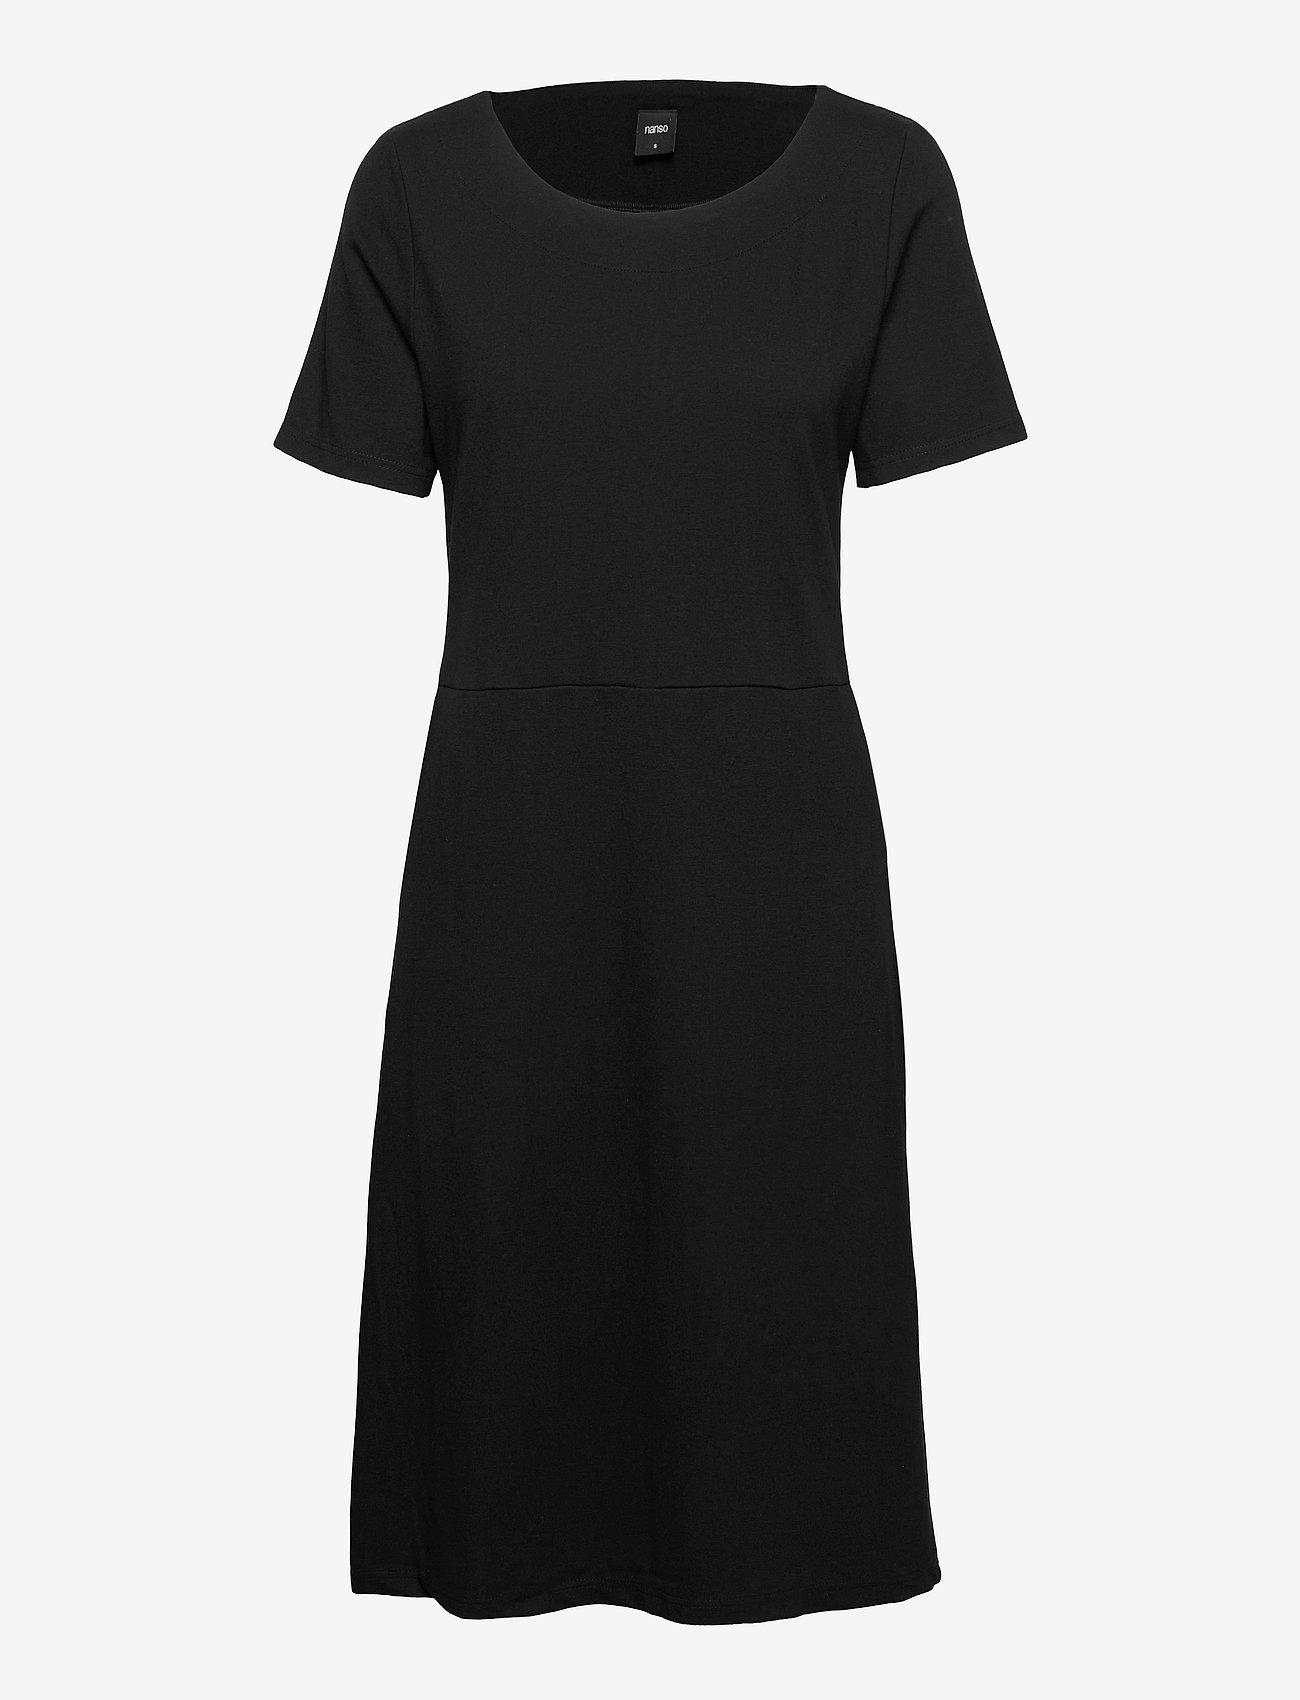 Nanso - Ladies dress, Minne - midimekot - black - 0